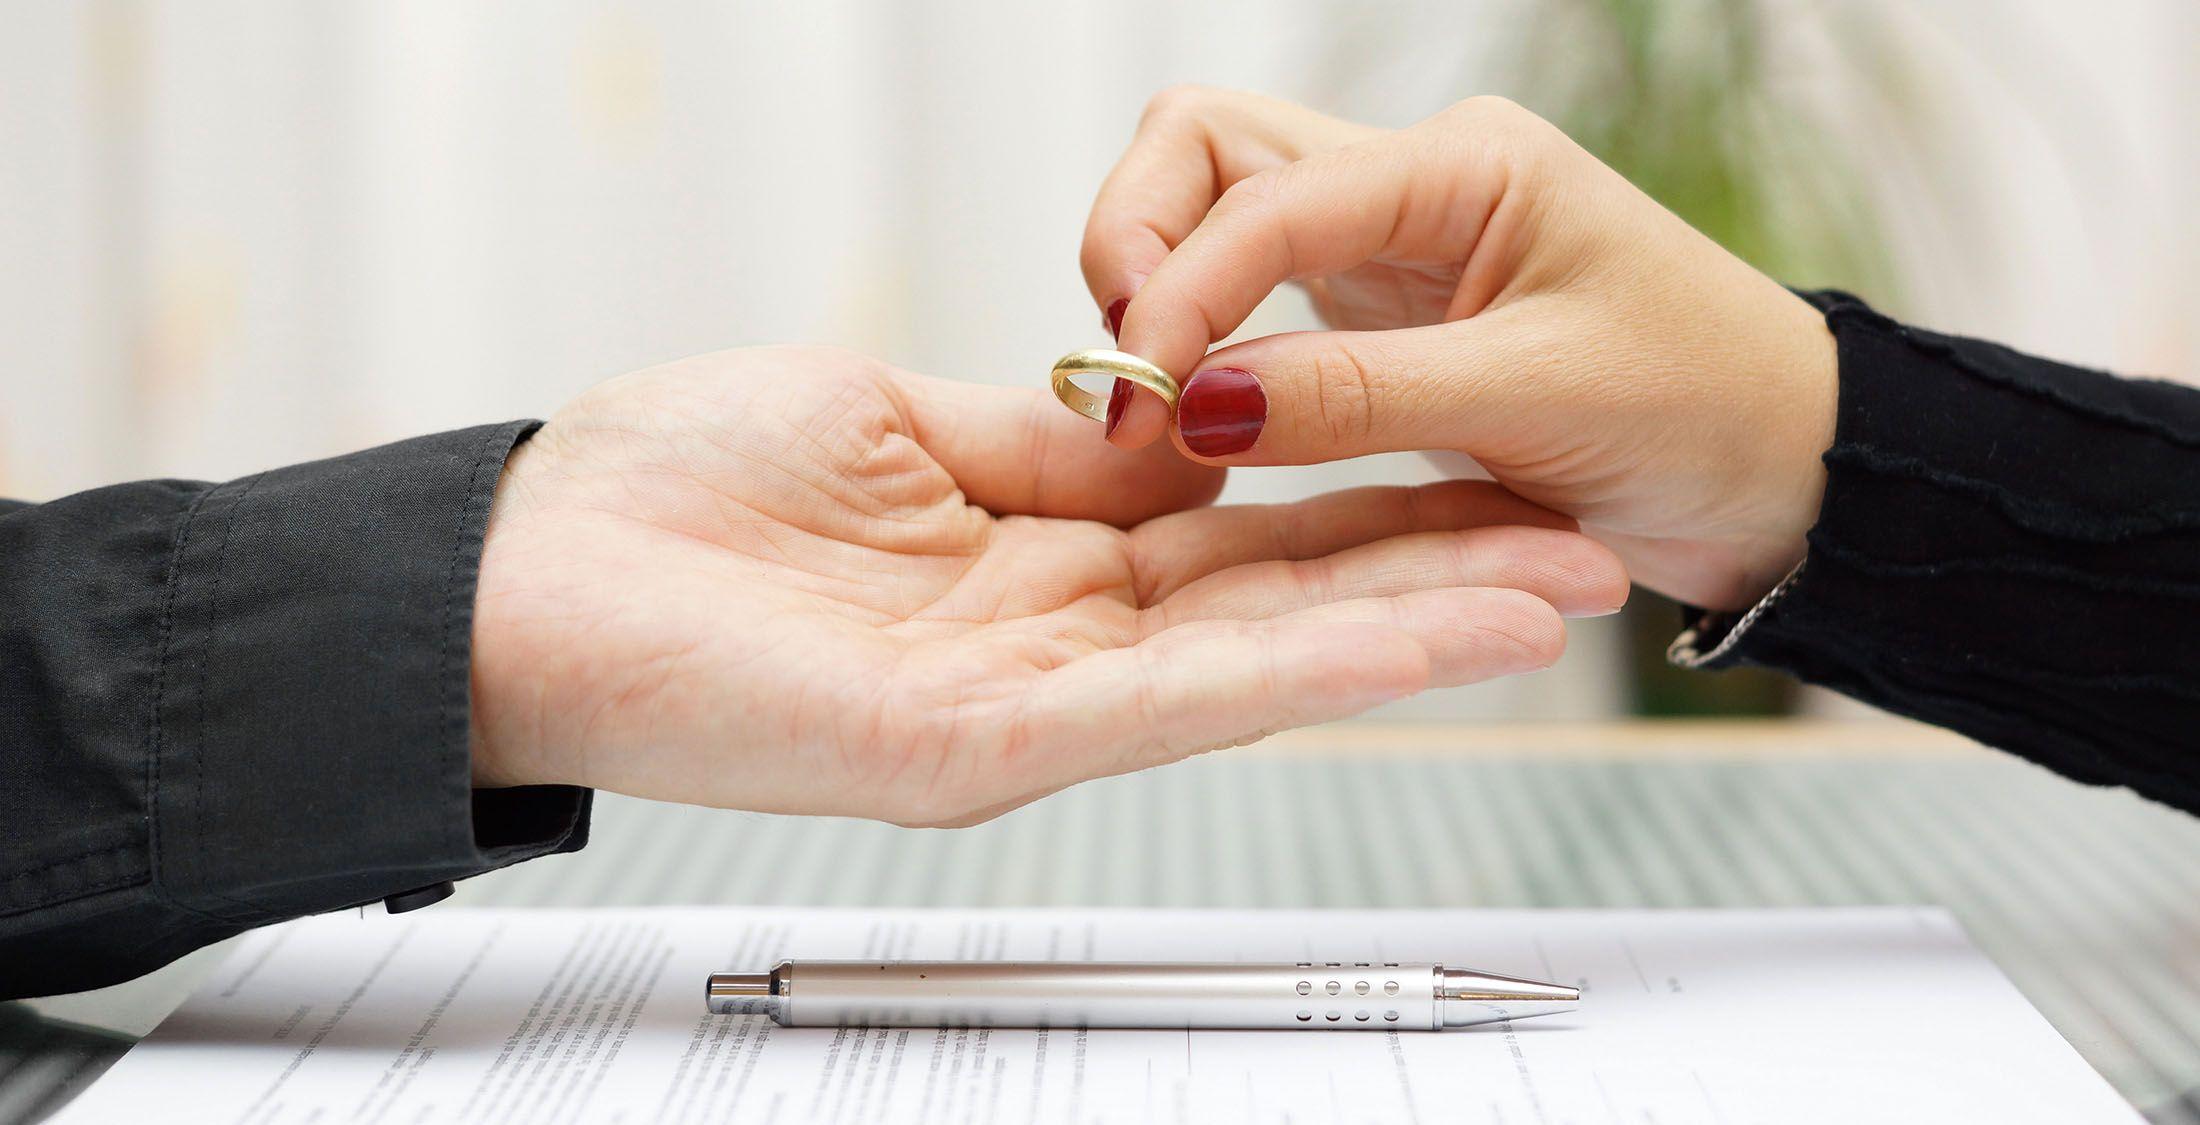 woman returning wedding/engagement ring